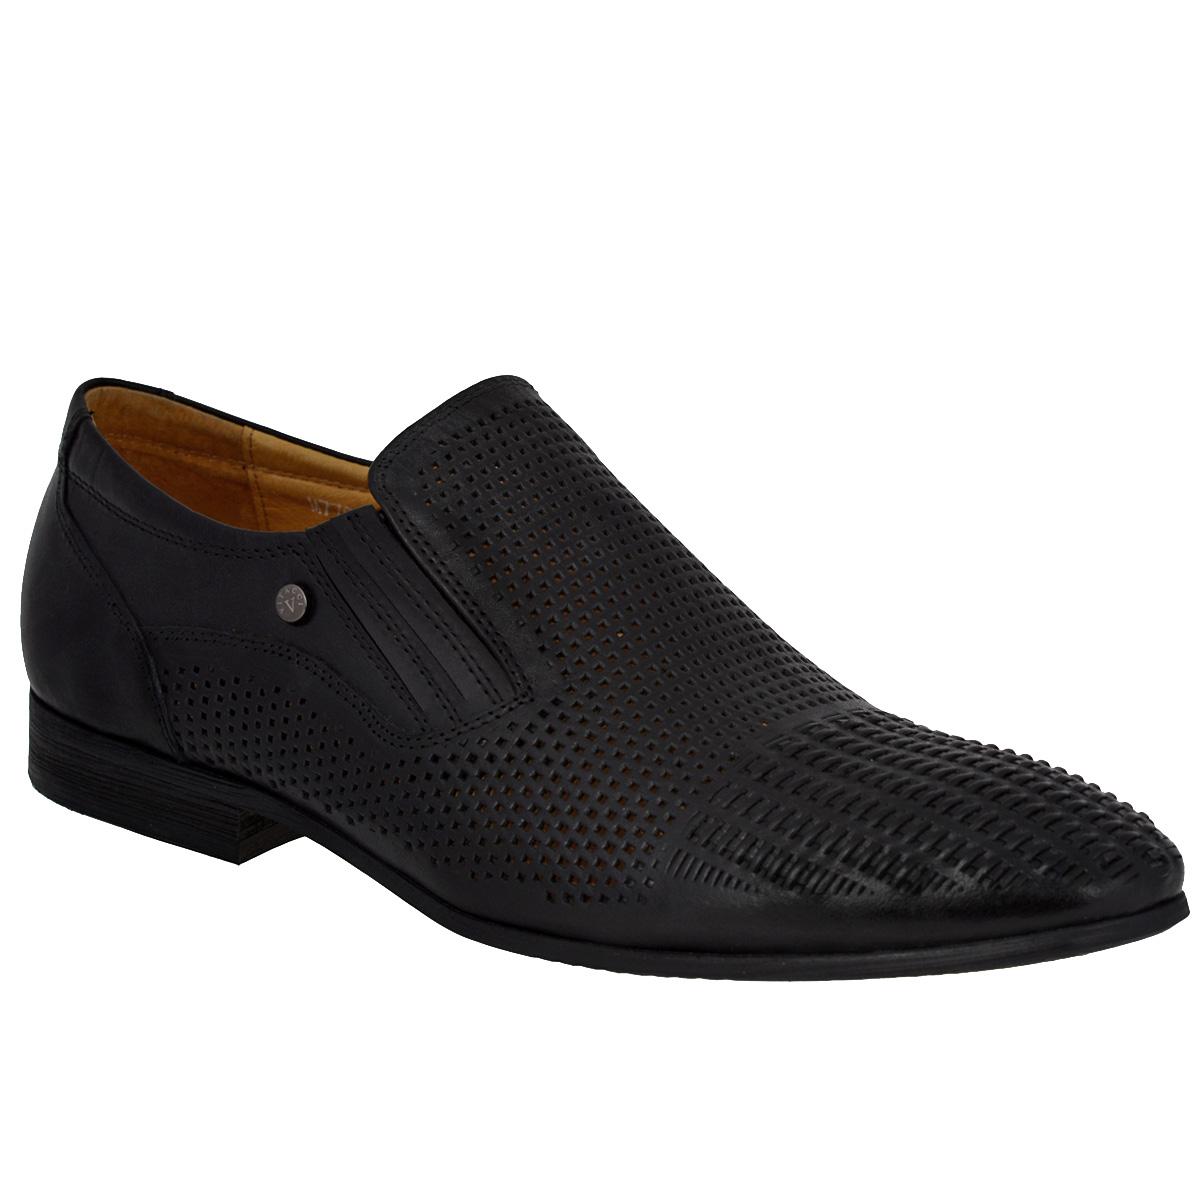 Туфли мужские. M77034M77034Трендовые мужские туфли Vitacci займут достойное место в вашем гардеробе. Модель изготовлена из высококачественной натуральной кожи и оформлена декоративным плетением на мысе, перфорацией для лучшей воздухопроницаемости. Одна из боковых сторон туфель украшена небольшой металлической пластиной с названием и логотипом бренда. Резинки, расположенные на подъеме, обеспечивают оптимальную посадку модели на ноге. Стелька из натуральной кожи позволяет ногам дышать. Подкладка выполнена из нубука и натуральной кожи. Низкий каблук и подошва с противоскользящим рифлением обеспечивают отличное сцепление с любой поверхностью. Стильные туфли не оставят равнодушным ни одного мужчину.